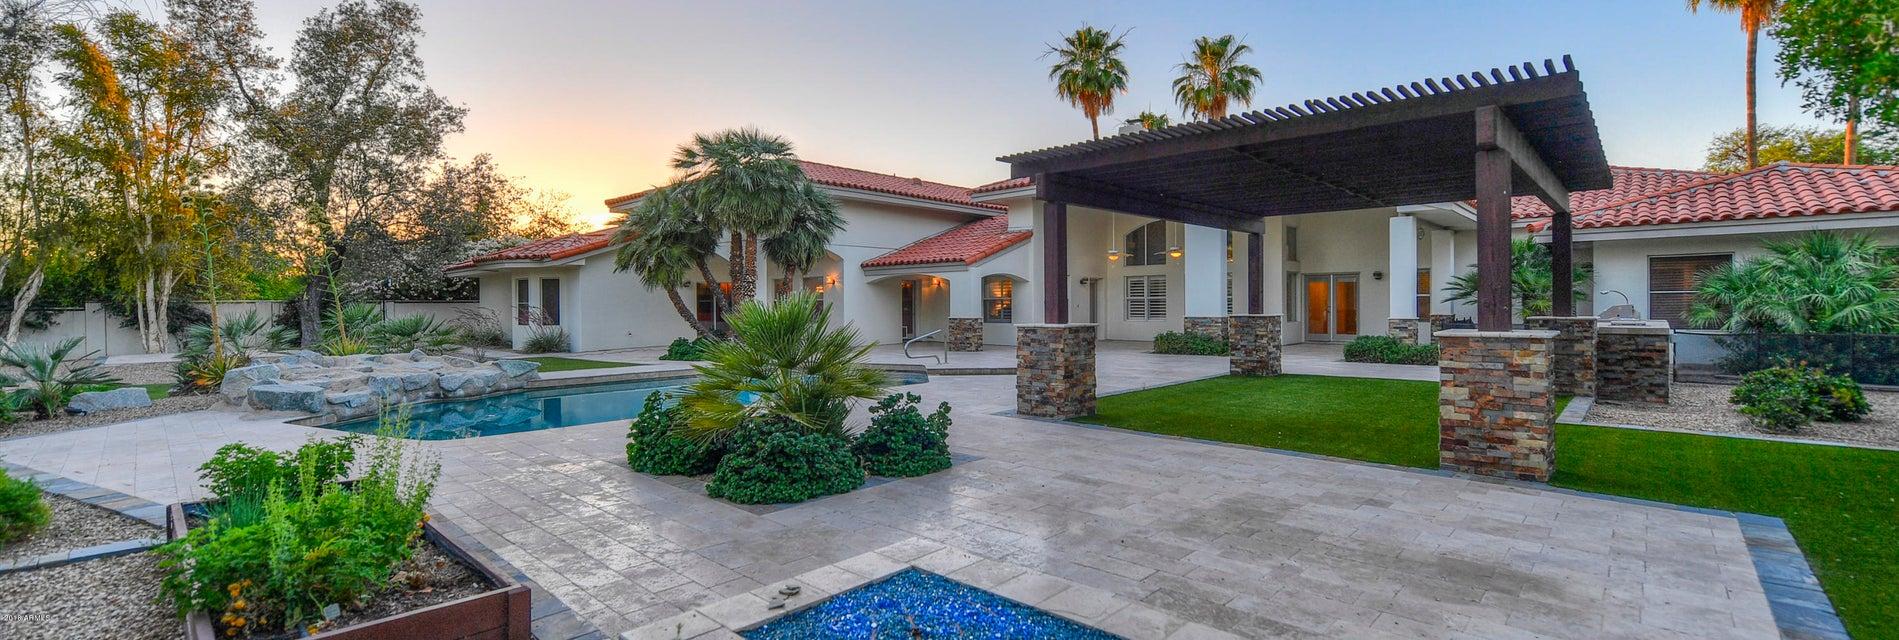 MLS 5768364 10861 E FANFOL Lane, Scottsdale, AZ 85259 Scottsdale AZ Scottsdale Ranch